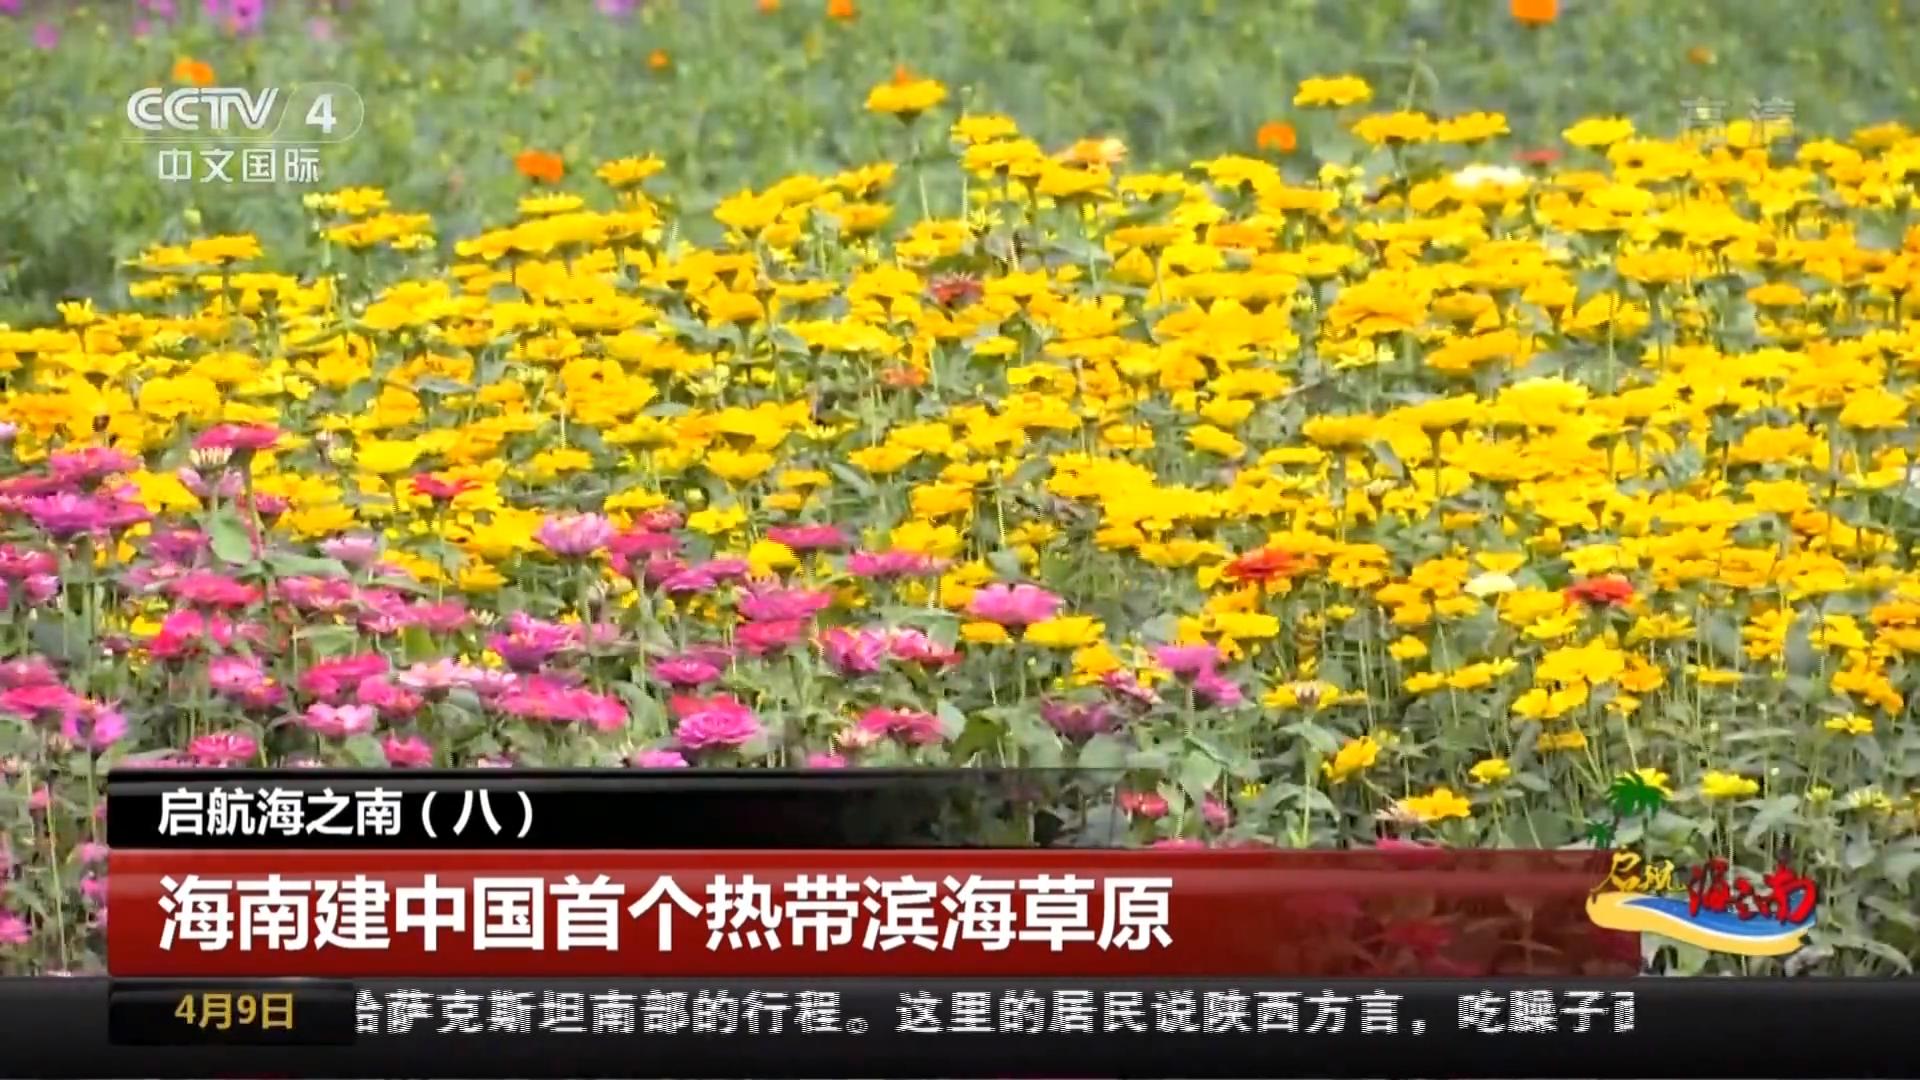 启航海之南(八) 海南建中国首个热带滨海草原